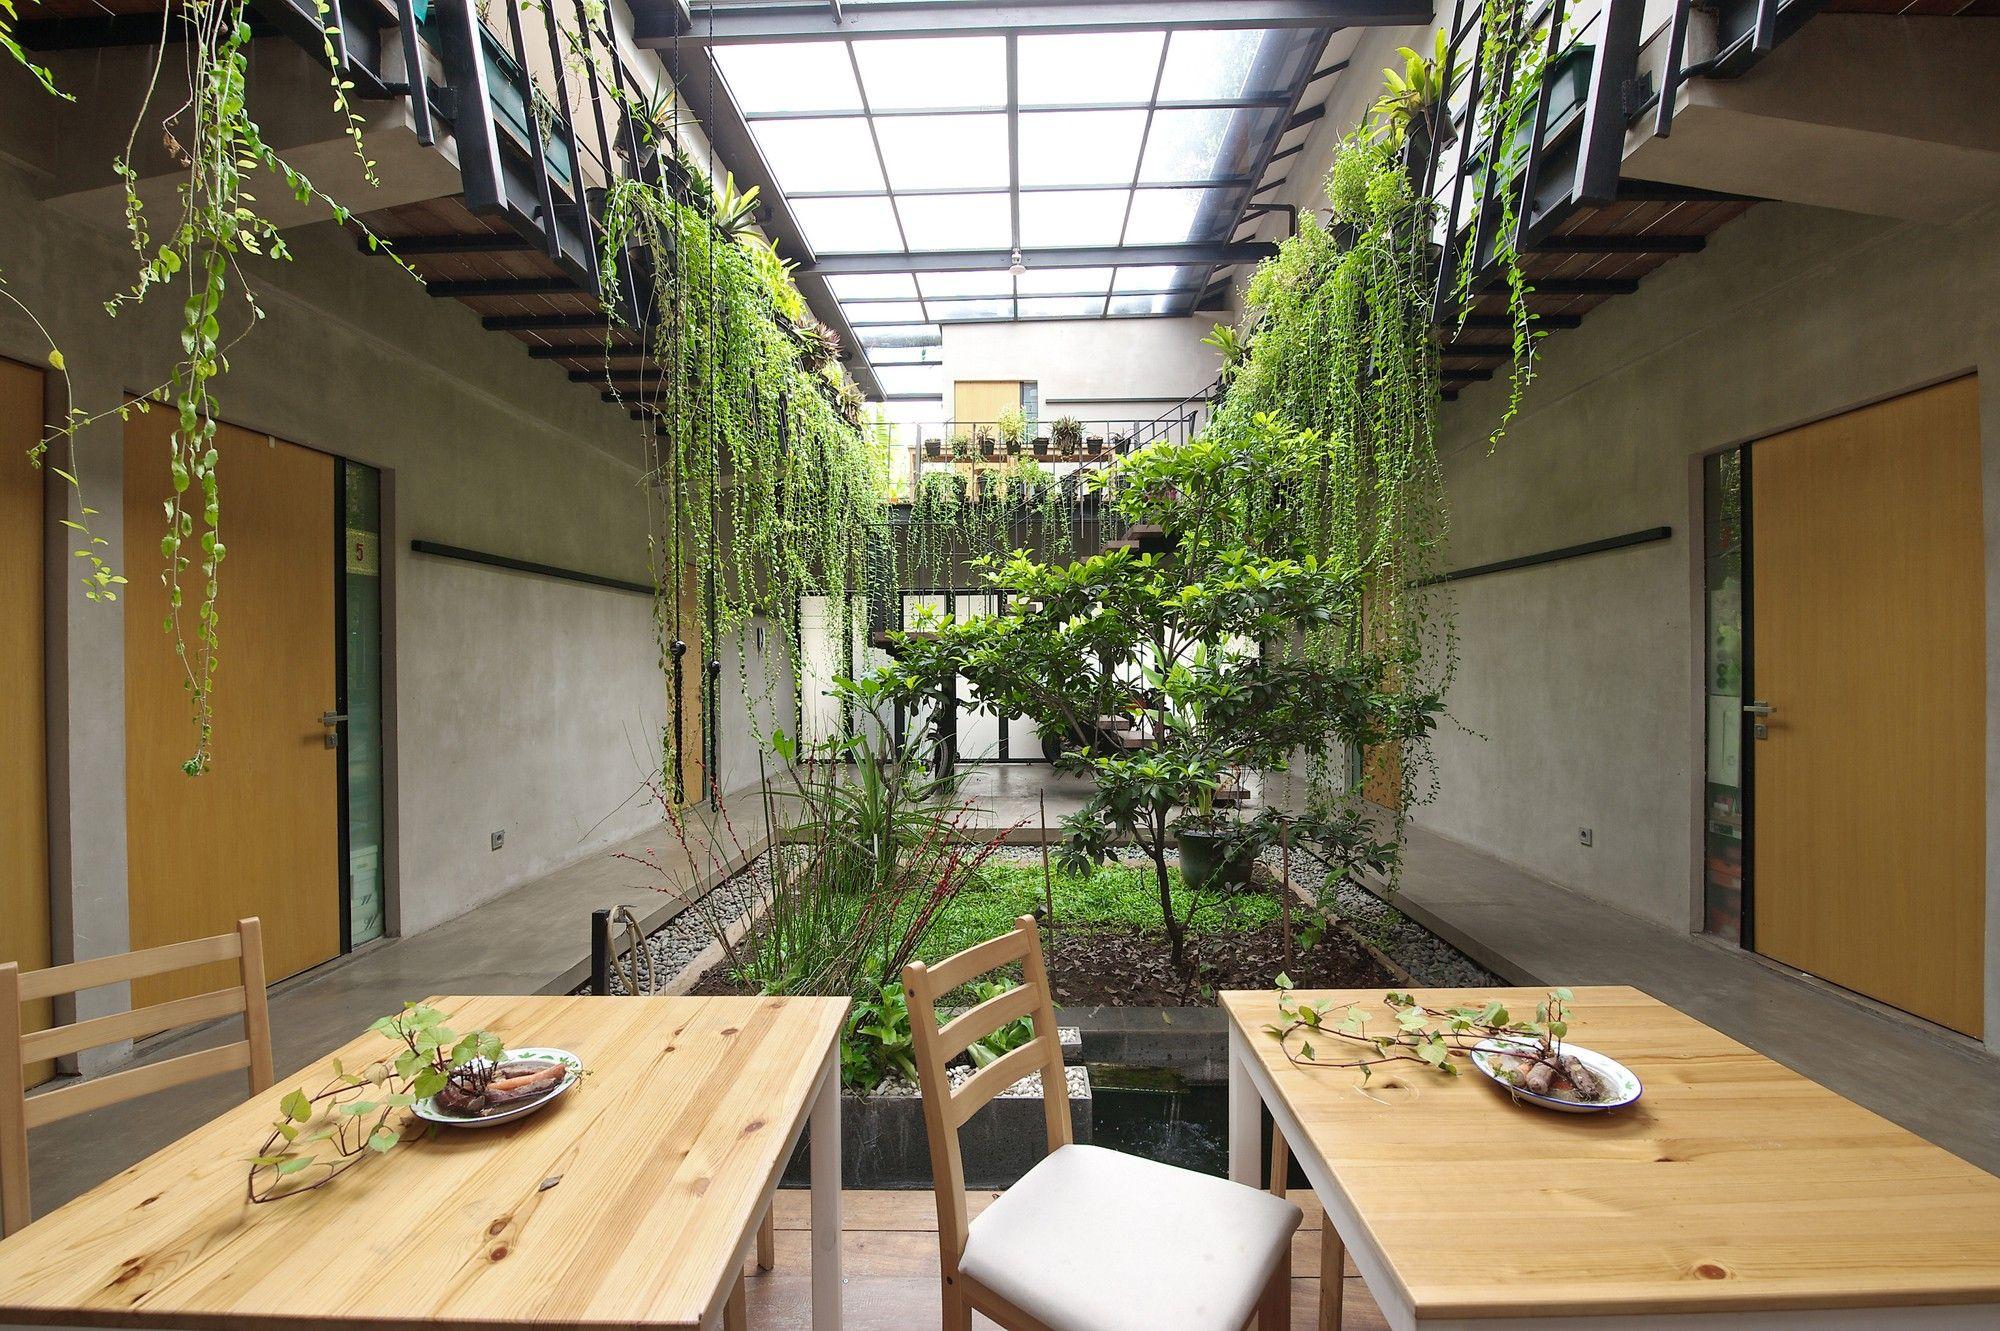 Boarding house in Cilandak, South Jakarta, Indonesia